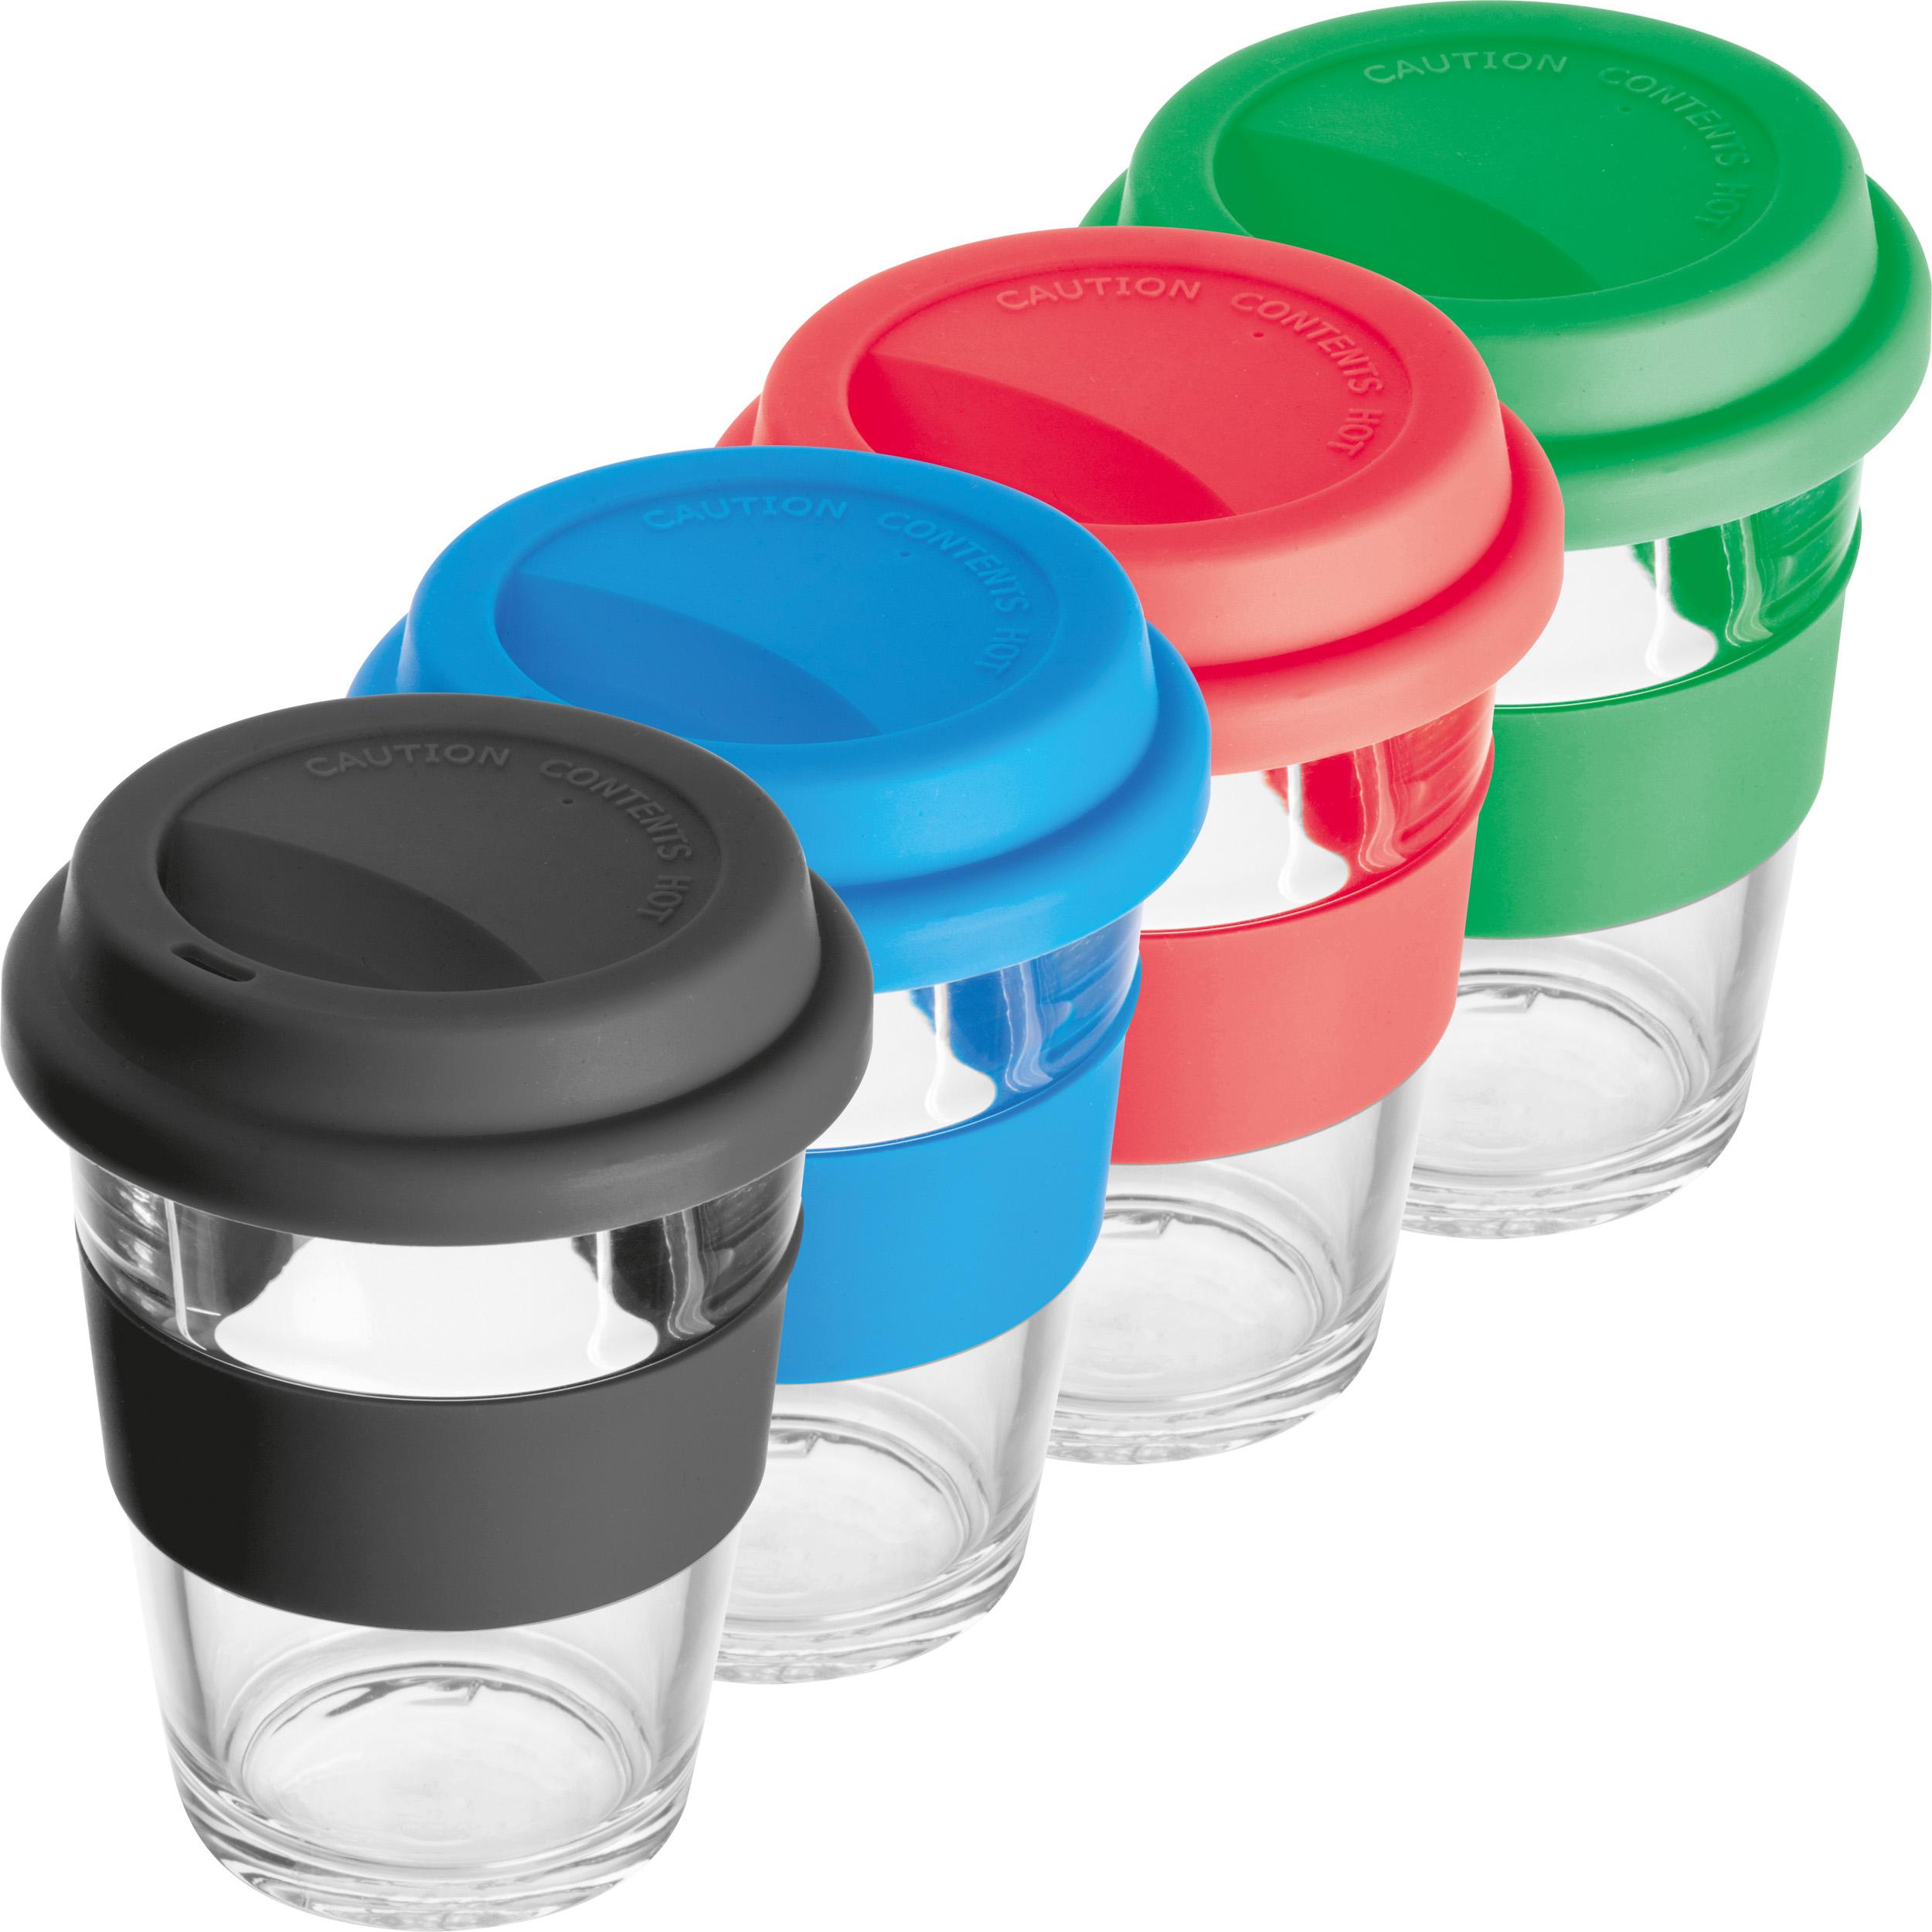 Glass mug with silicon sleeve and lid